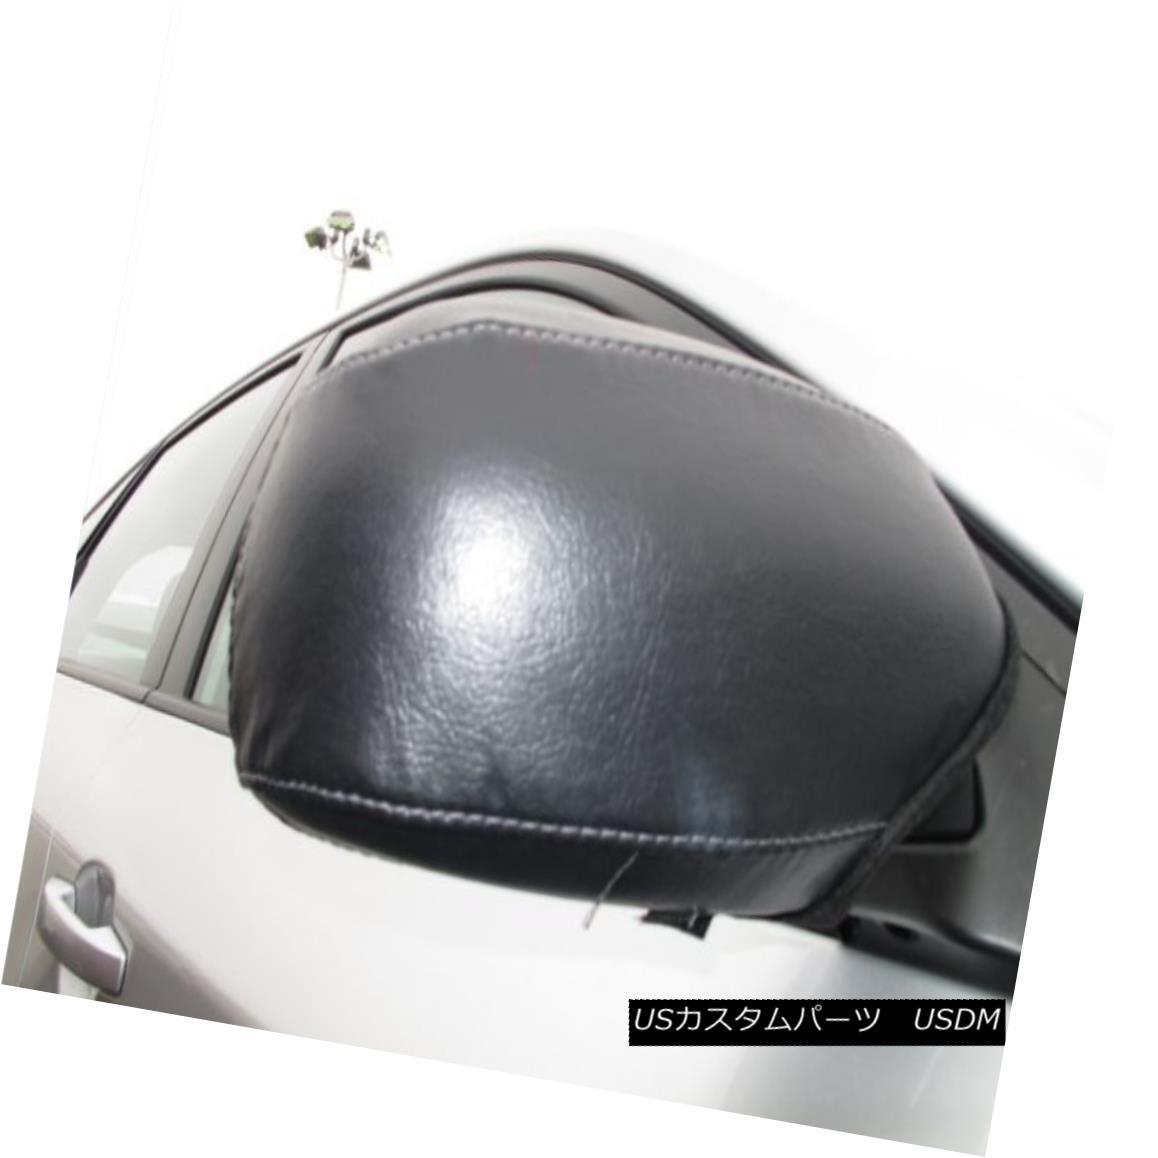 フルブラ ノーズブラ Colgan Car Mirror Covers Black Bra Protector Fits 2011 Subaru Impreza WRX Colgan Car Mirror Coversブラックブラジャープロテクターが2011年スバルインプレッサWRXに適合